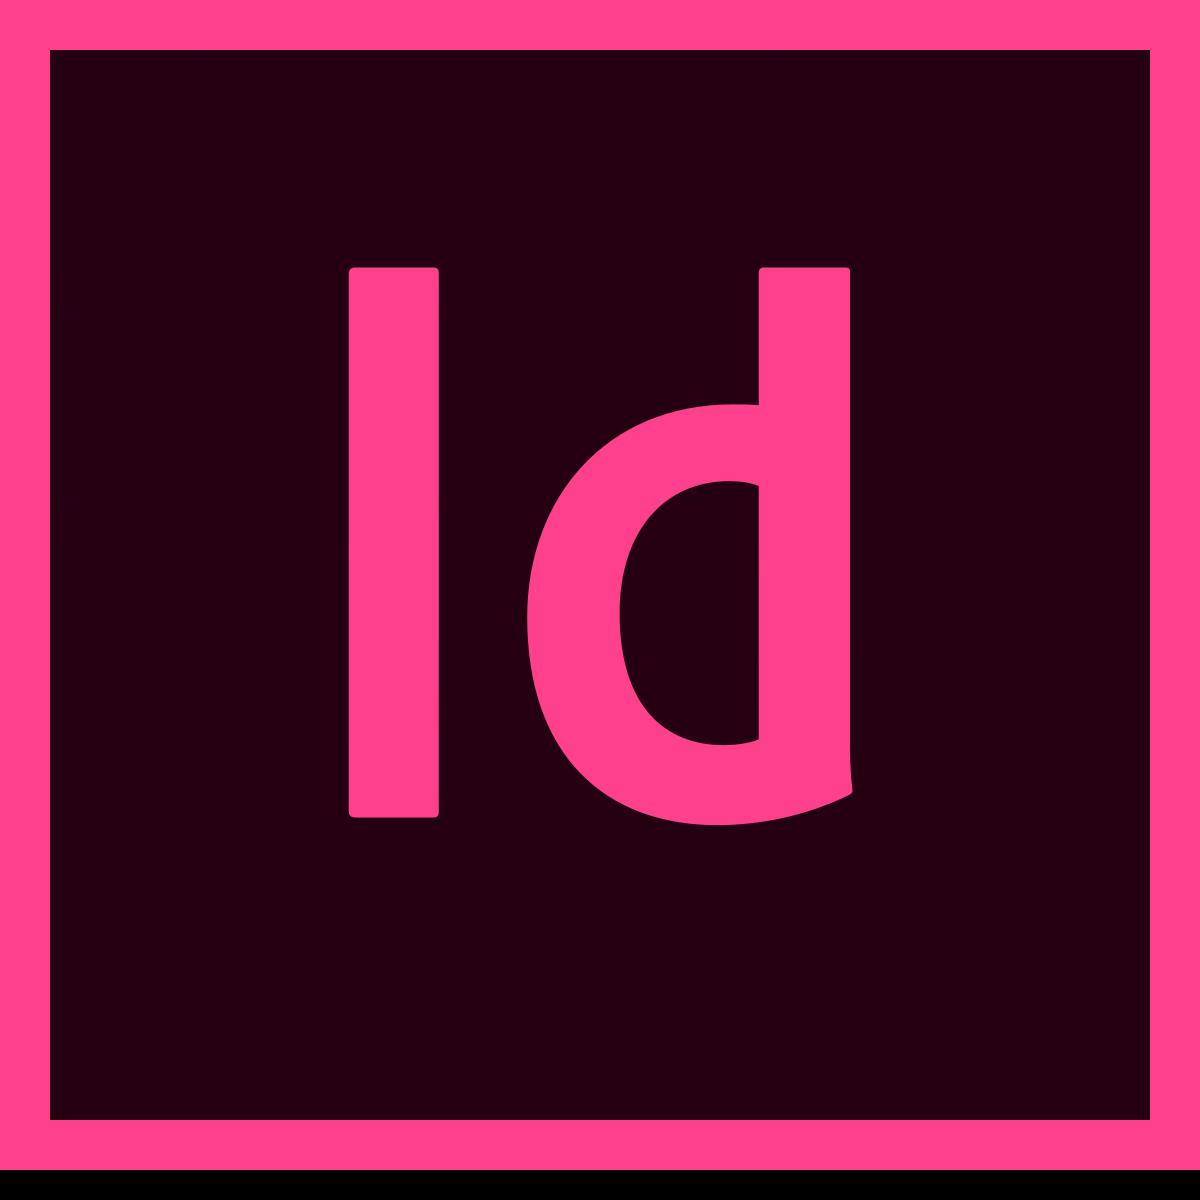 Adobe InDesign Essentials ONLINE - Spring 2019